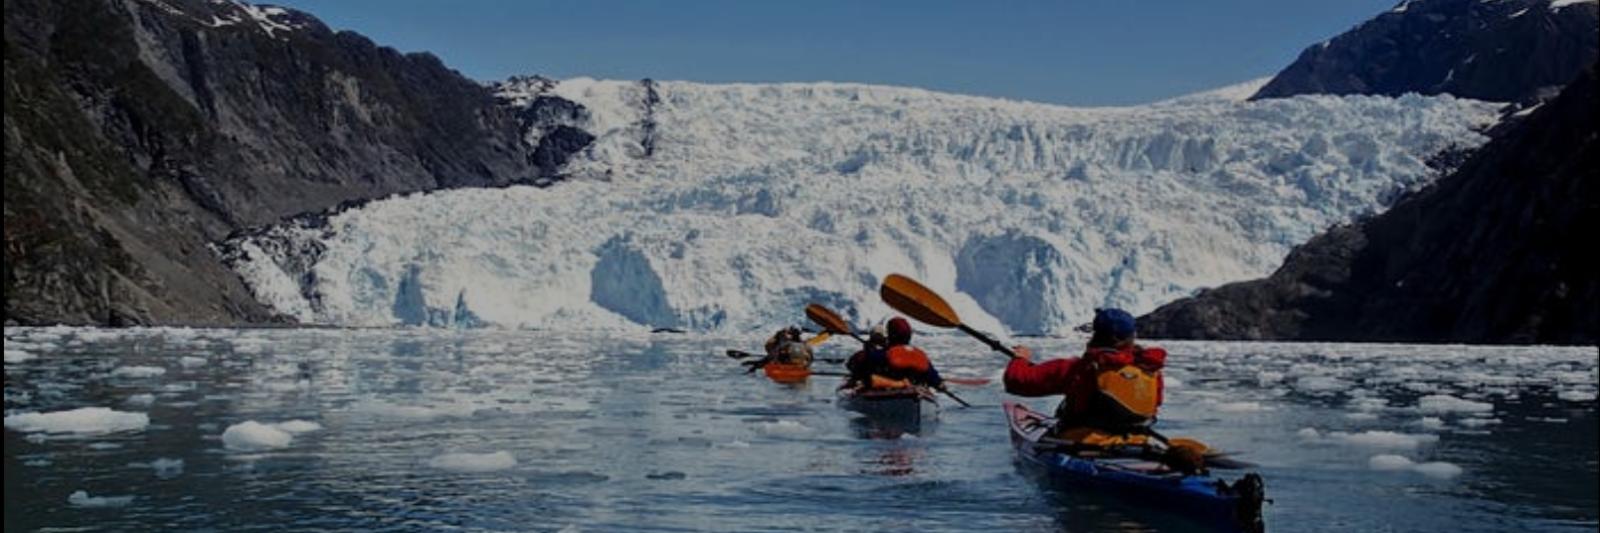 Kayaking tours in Seward, AK.